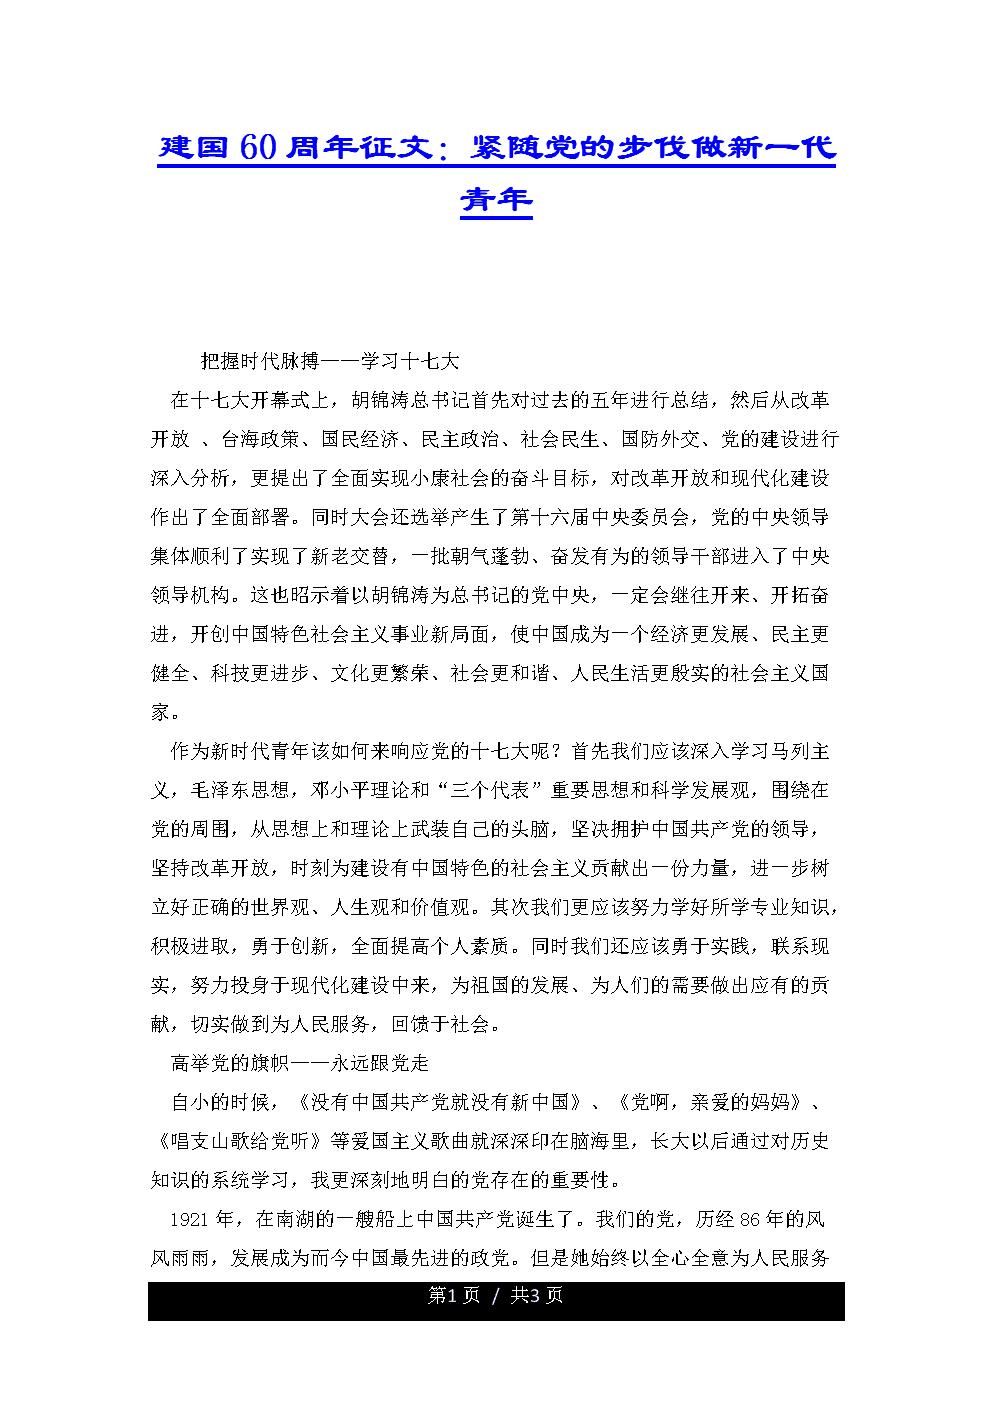 建國60周年征文:緊隨黨的步伐做新一代青年.docx